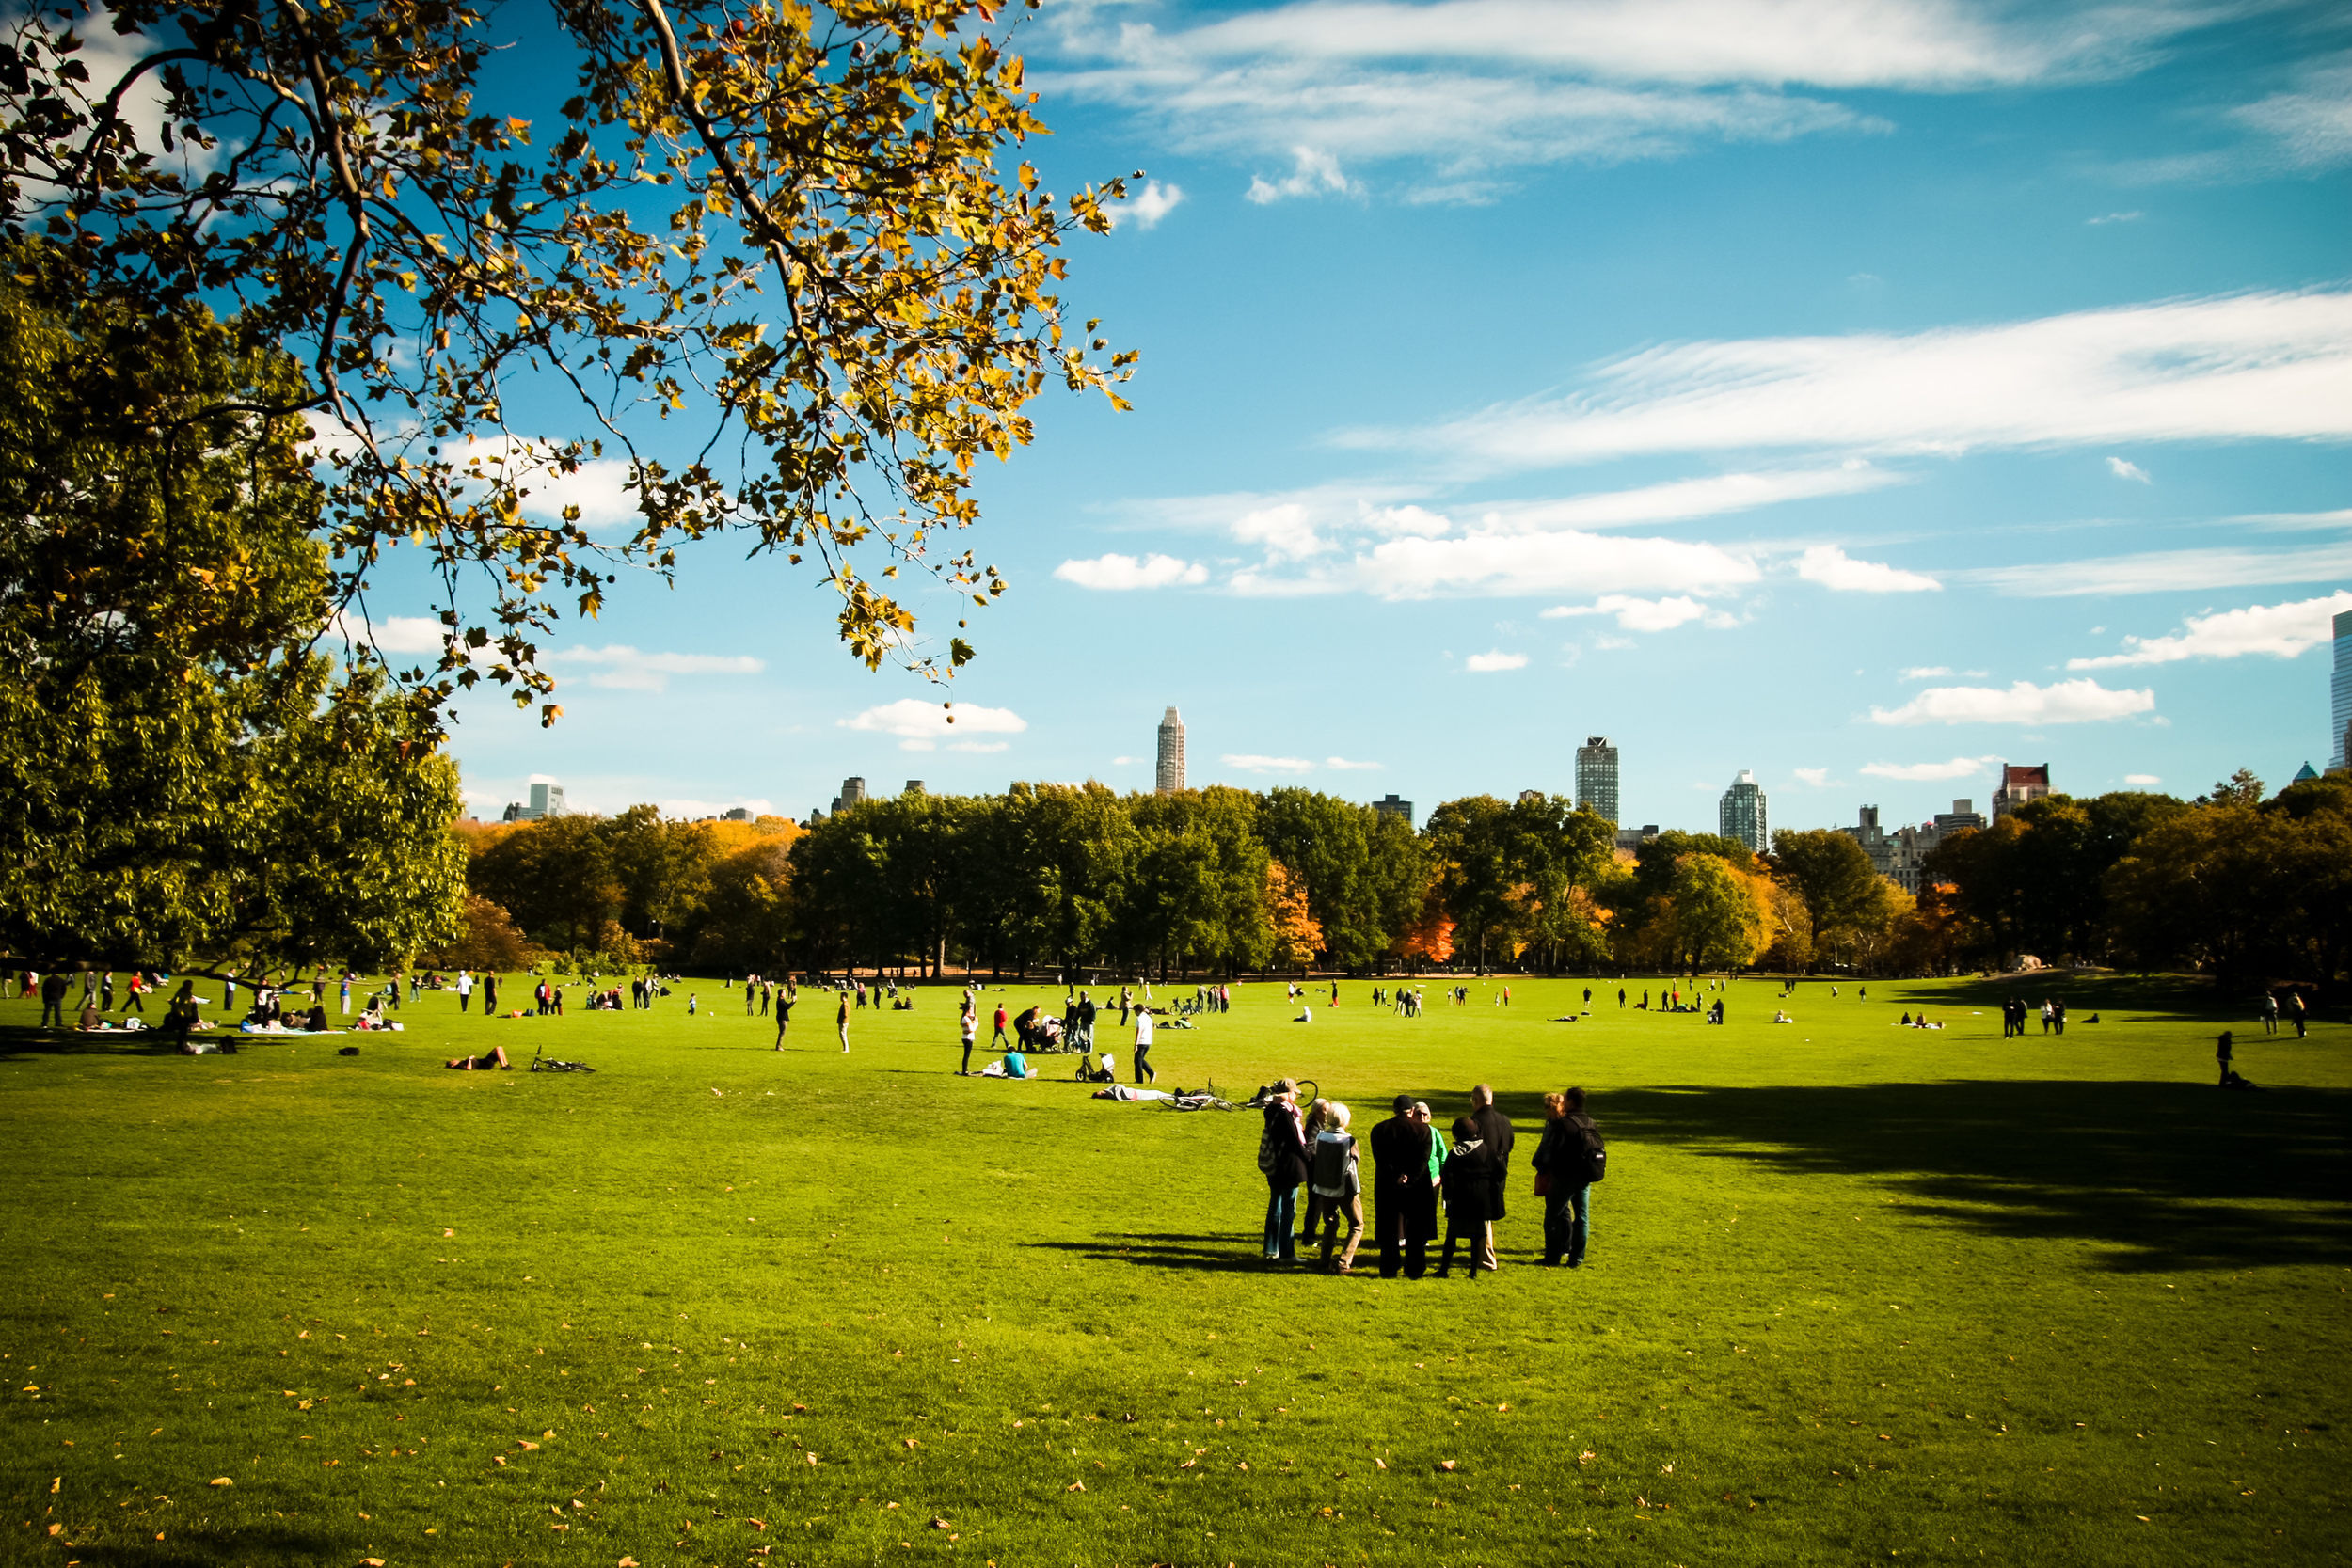 NYC_Day2-14.jpg